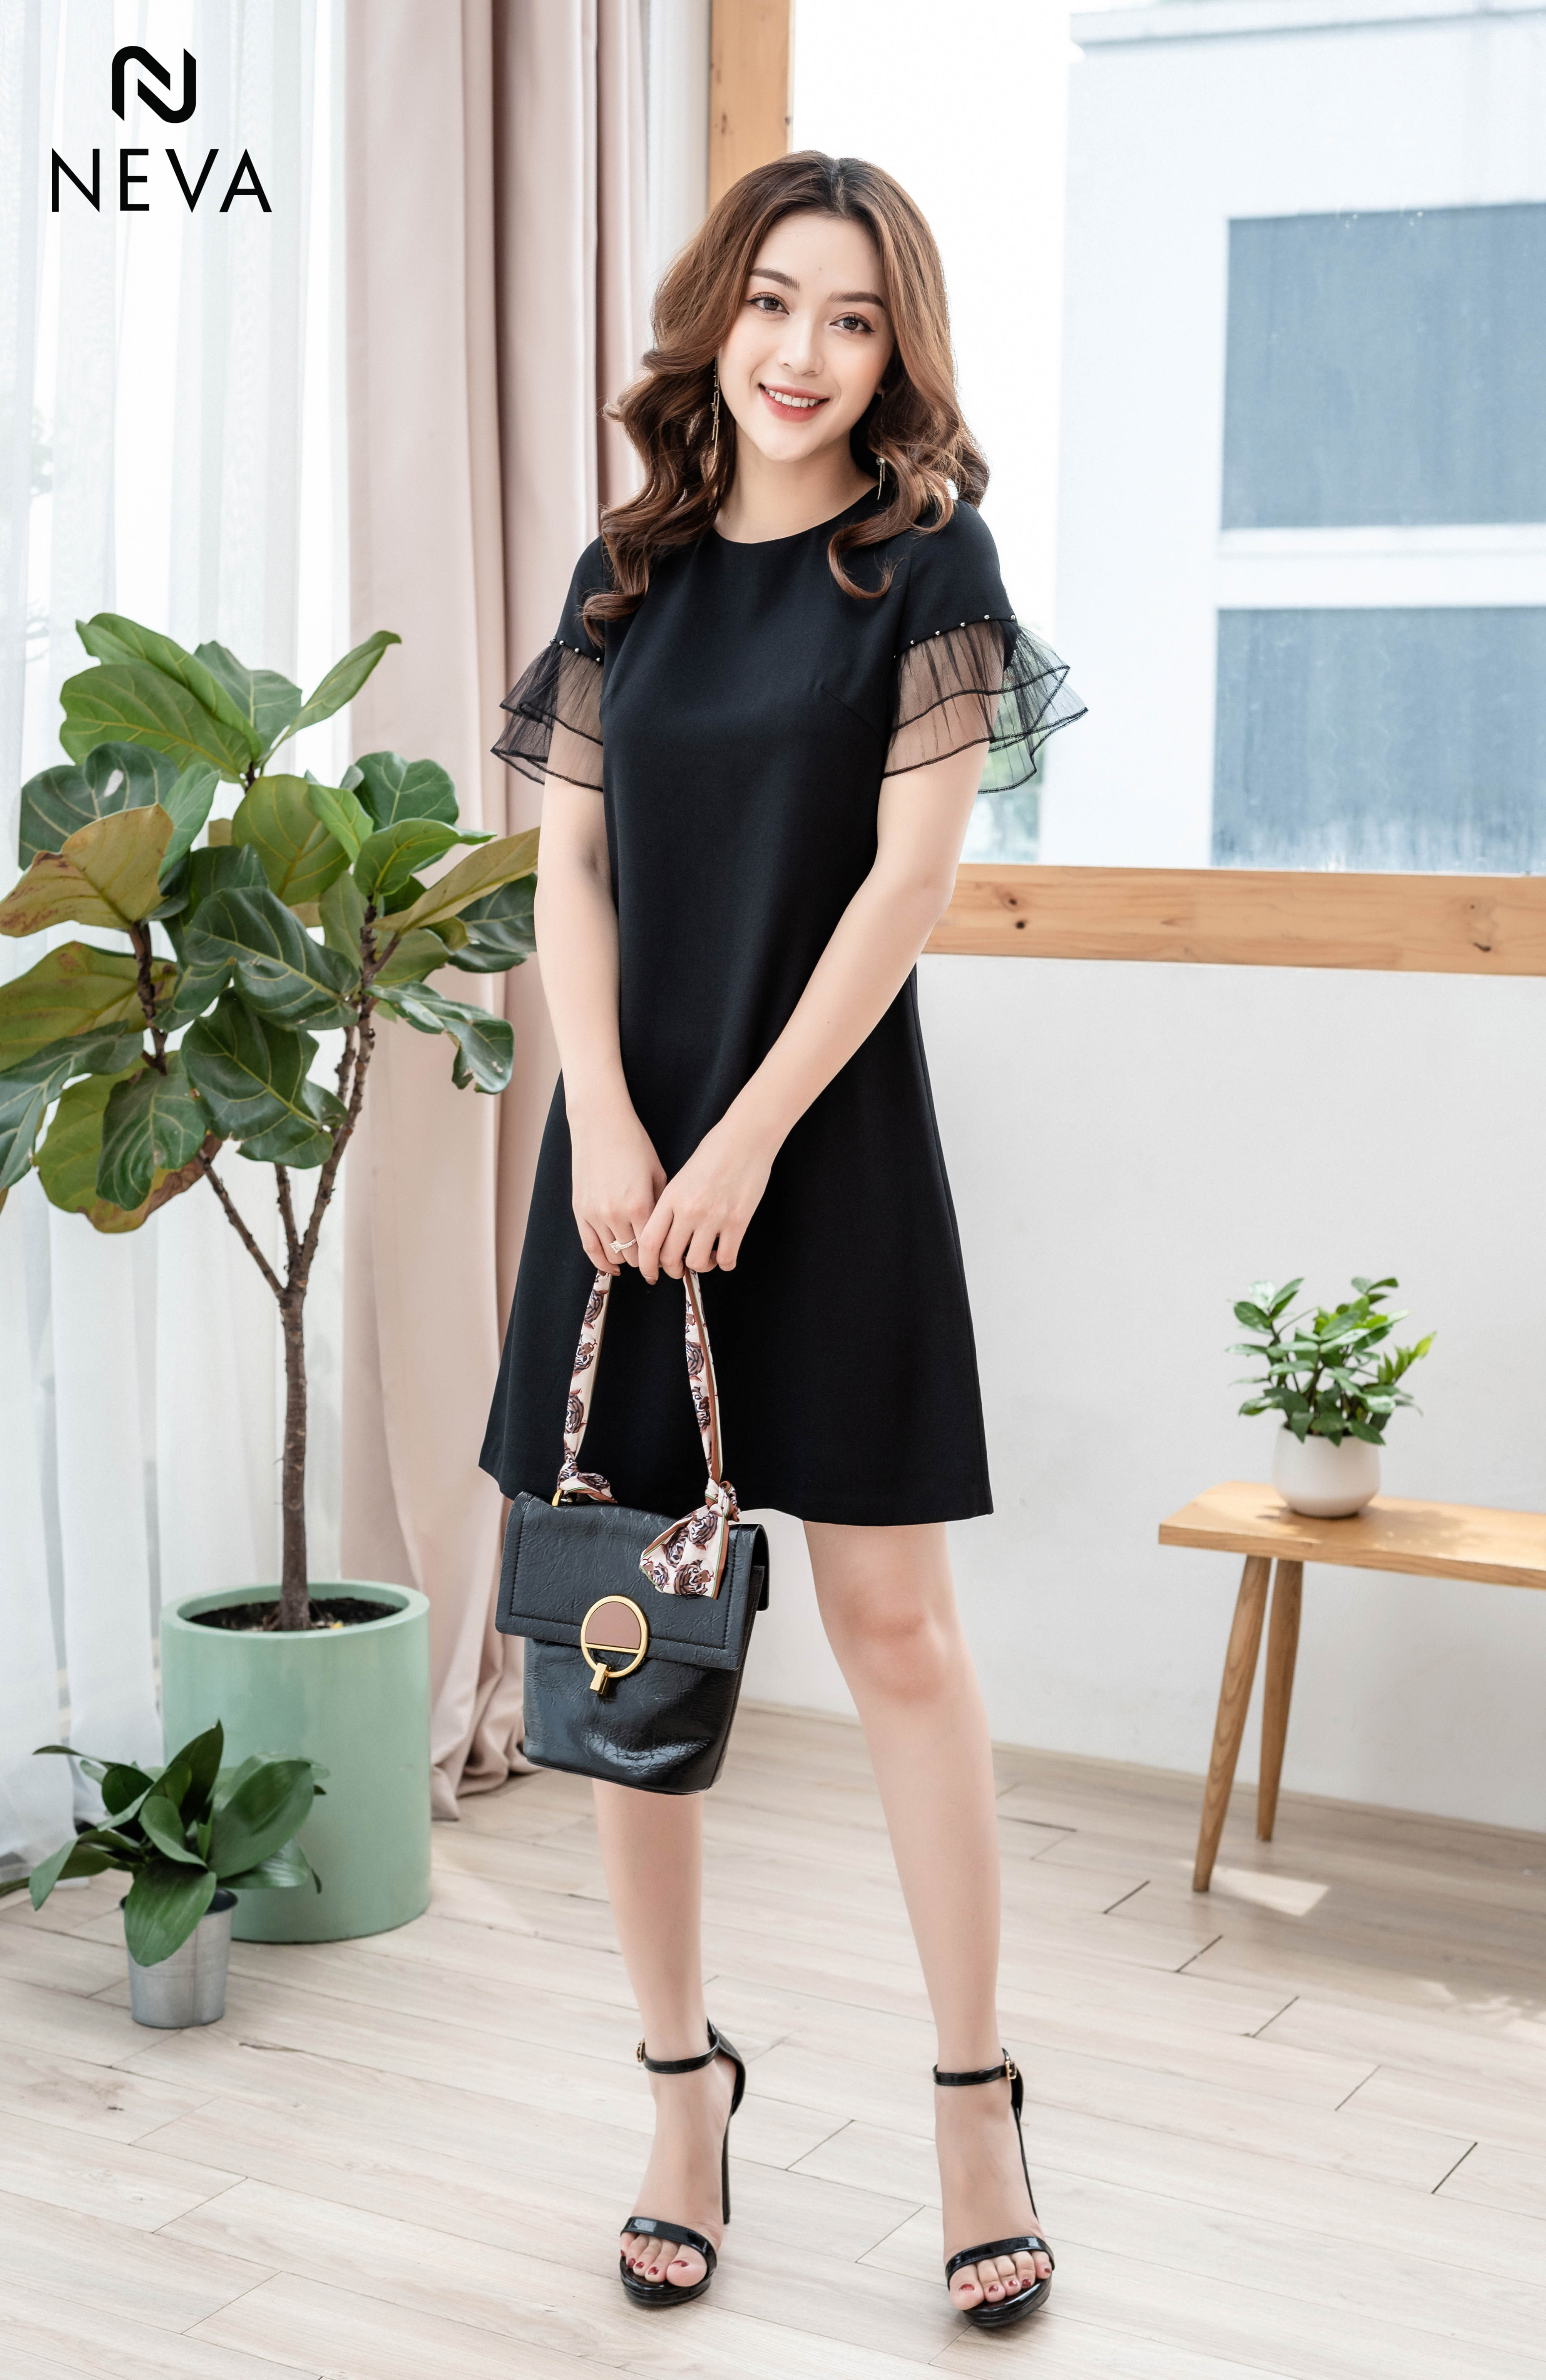 Thời trang nữ:  Xu hướng mẫu thiết kế váy đẹp cực HOT 19SNDK425-1,298,000%20(3)